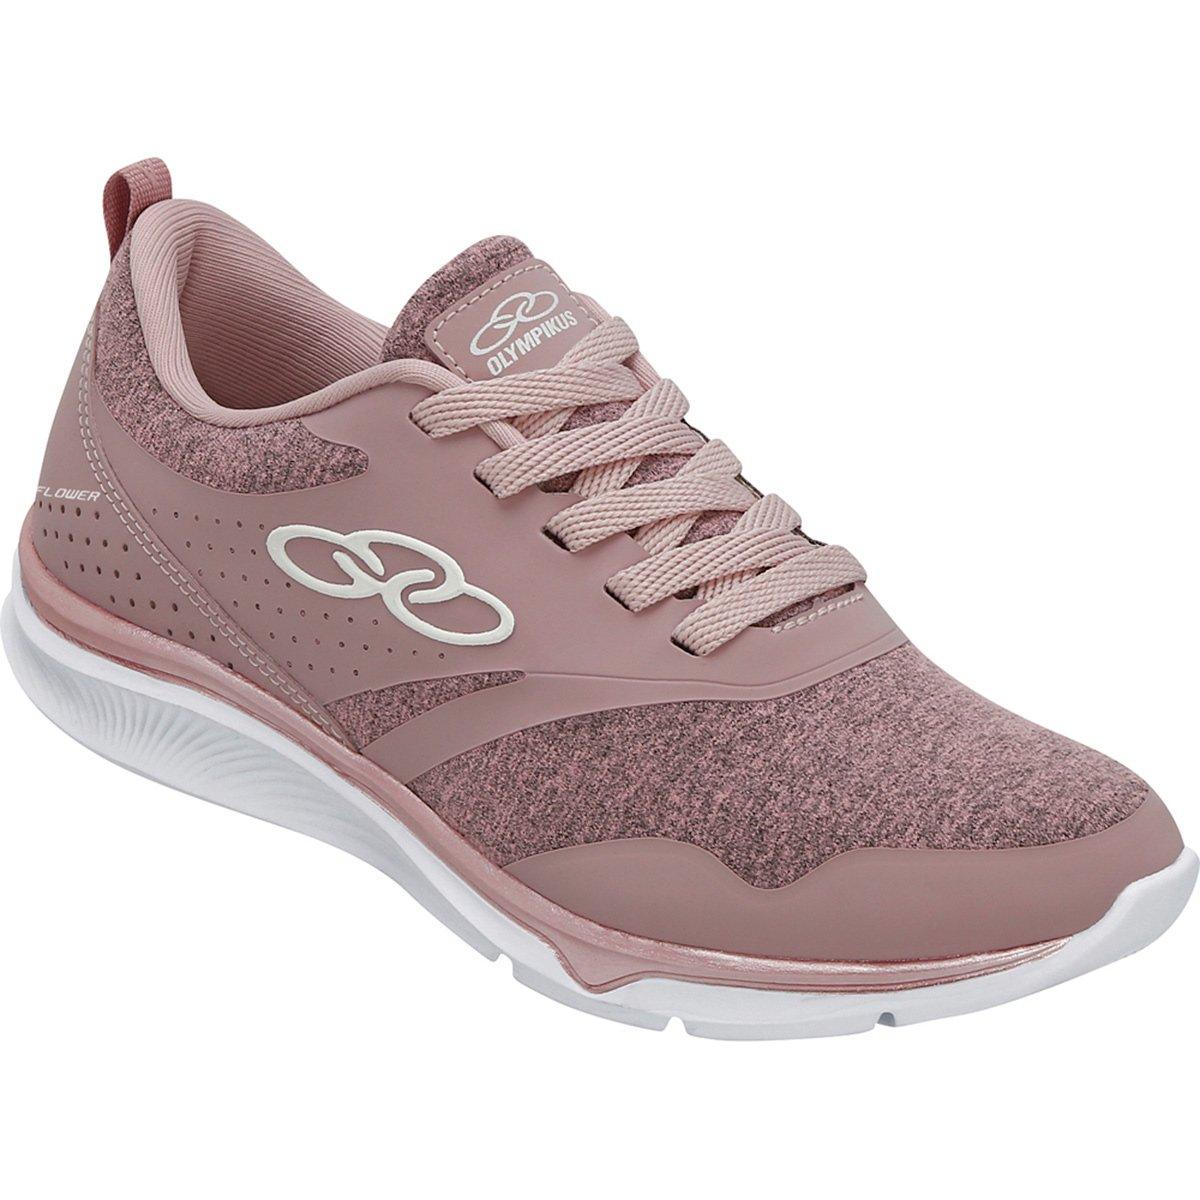 eb519a6df6 Tênis Casual Feminino - Compre Tênis Feminino